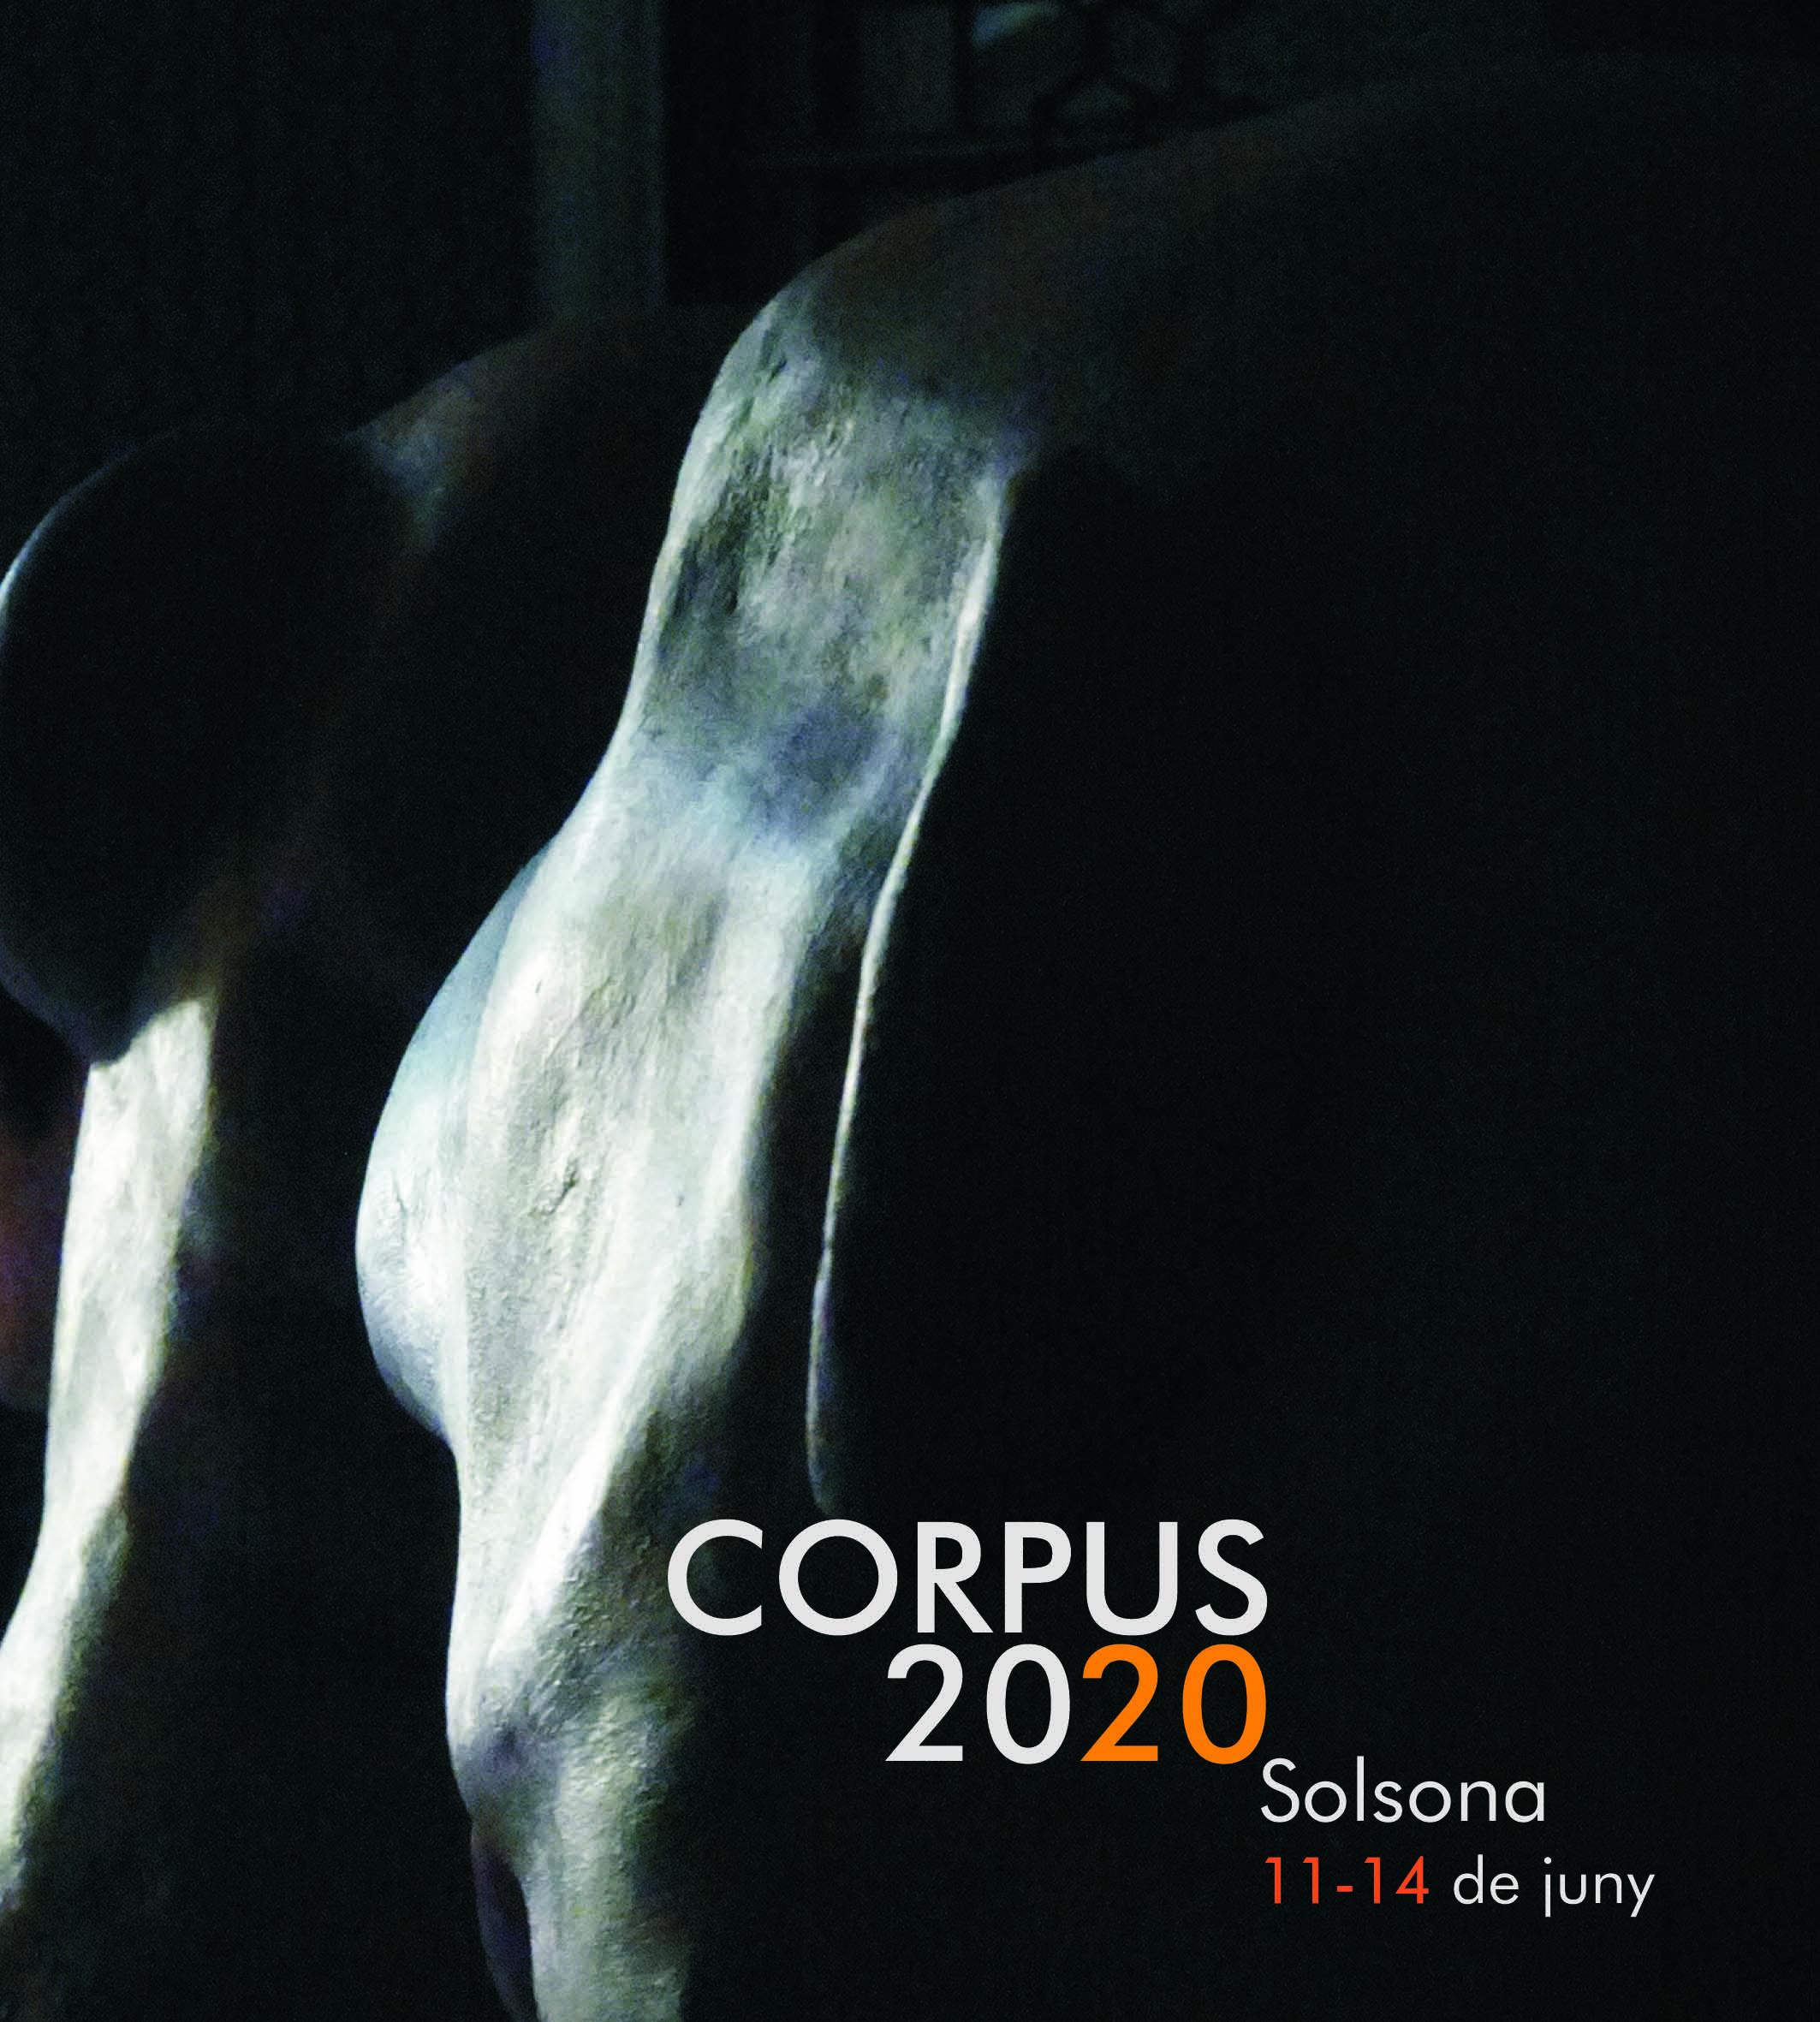 Cartell del Corpus de Solsona 2020.